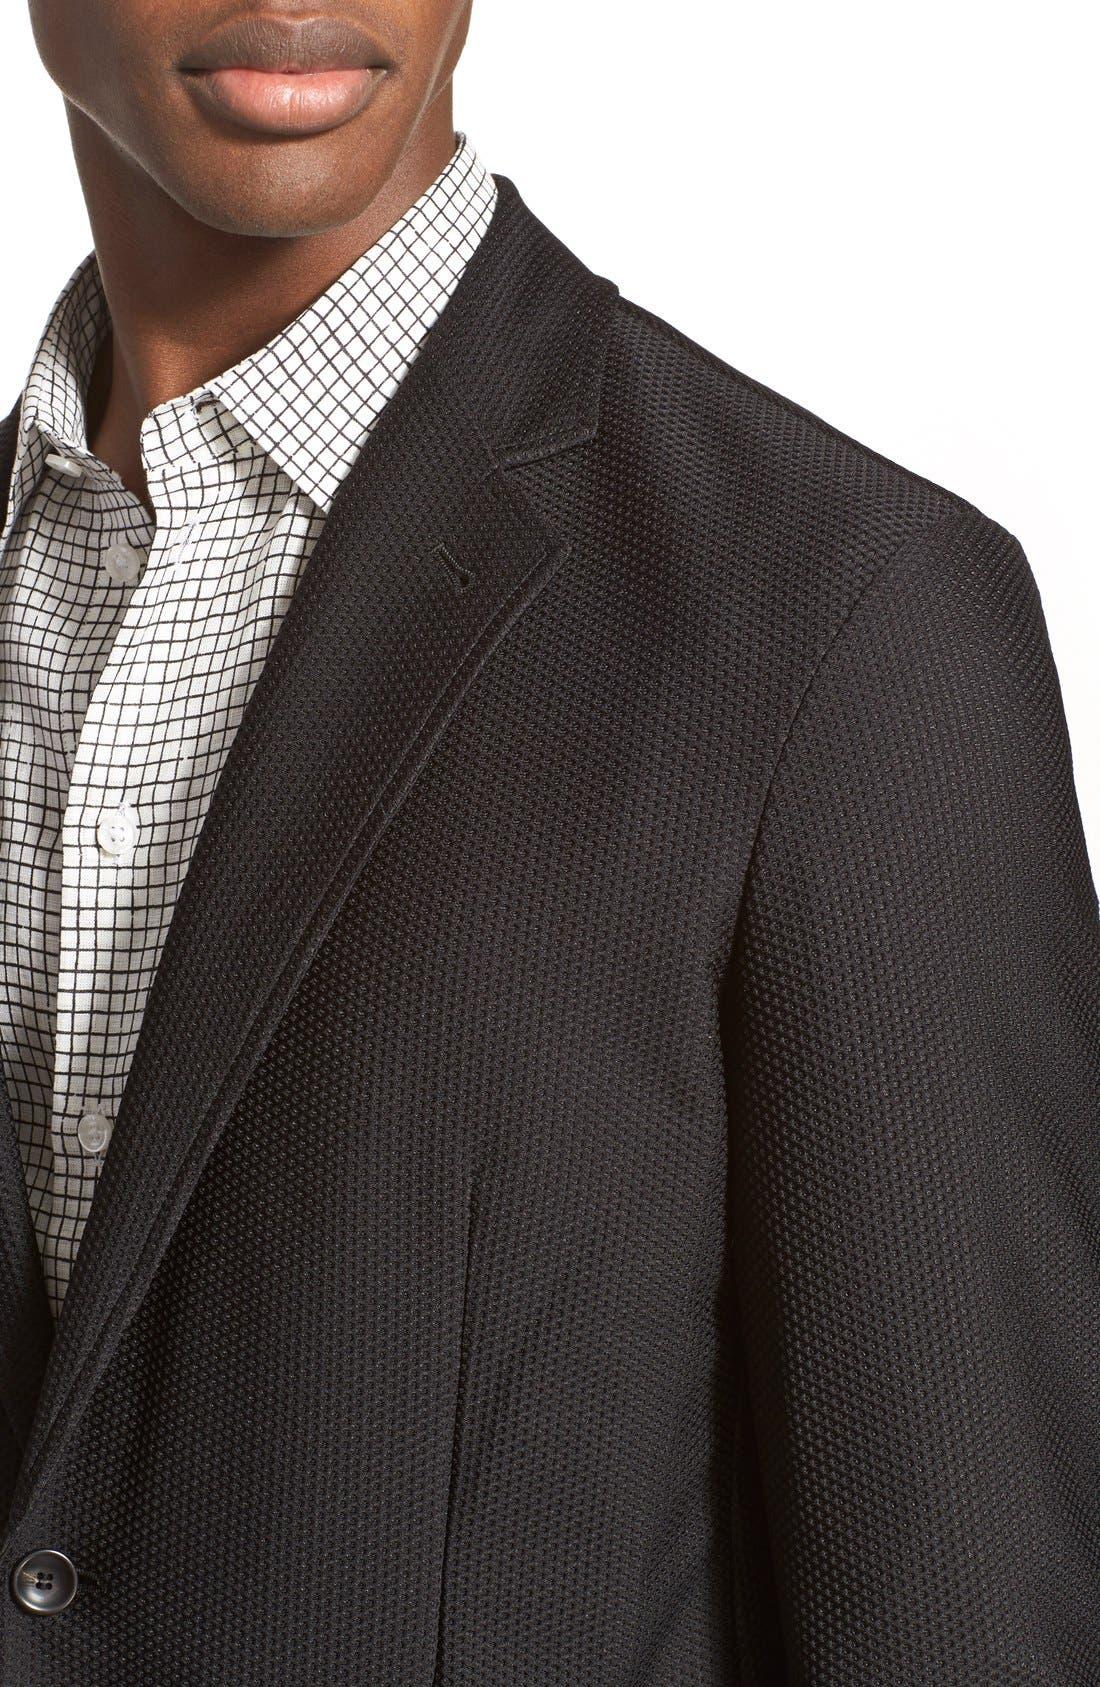 Trim Fit Textured Sport Coat,                             Alternate thumbnail 4, color,                             004